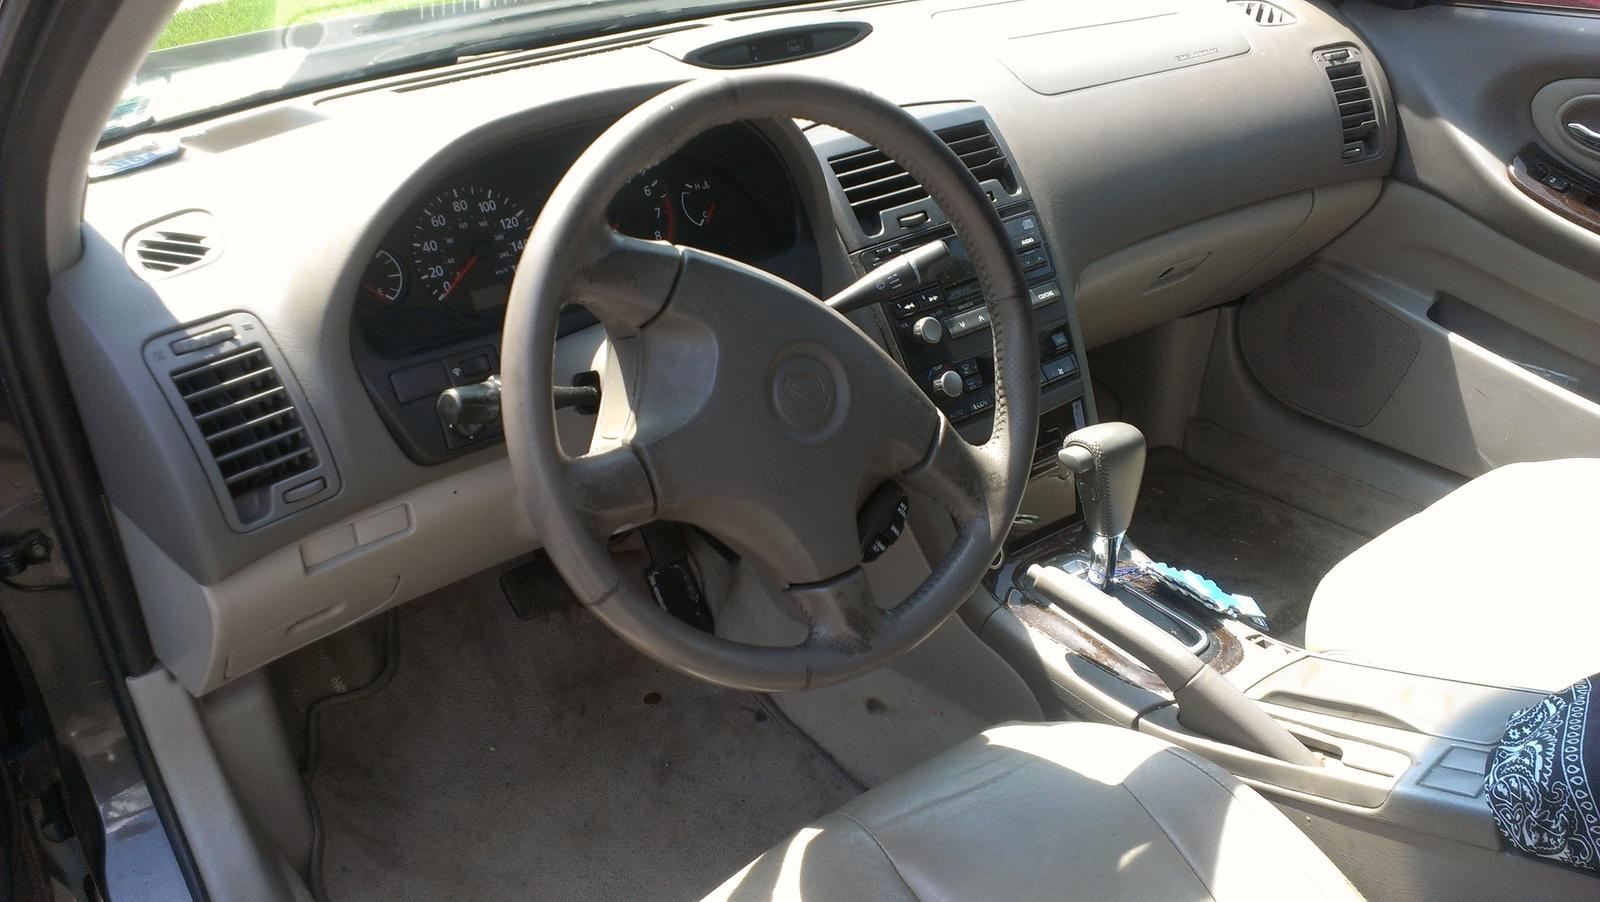 Car picker nissan maxima interior images maxima interior image vanachro Gallery